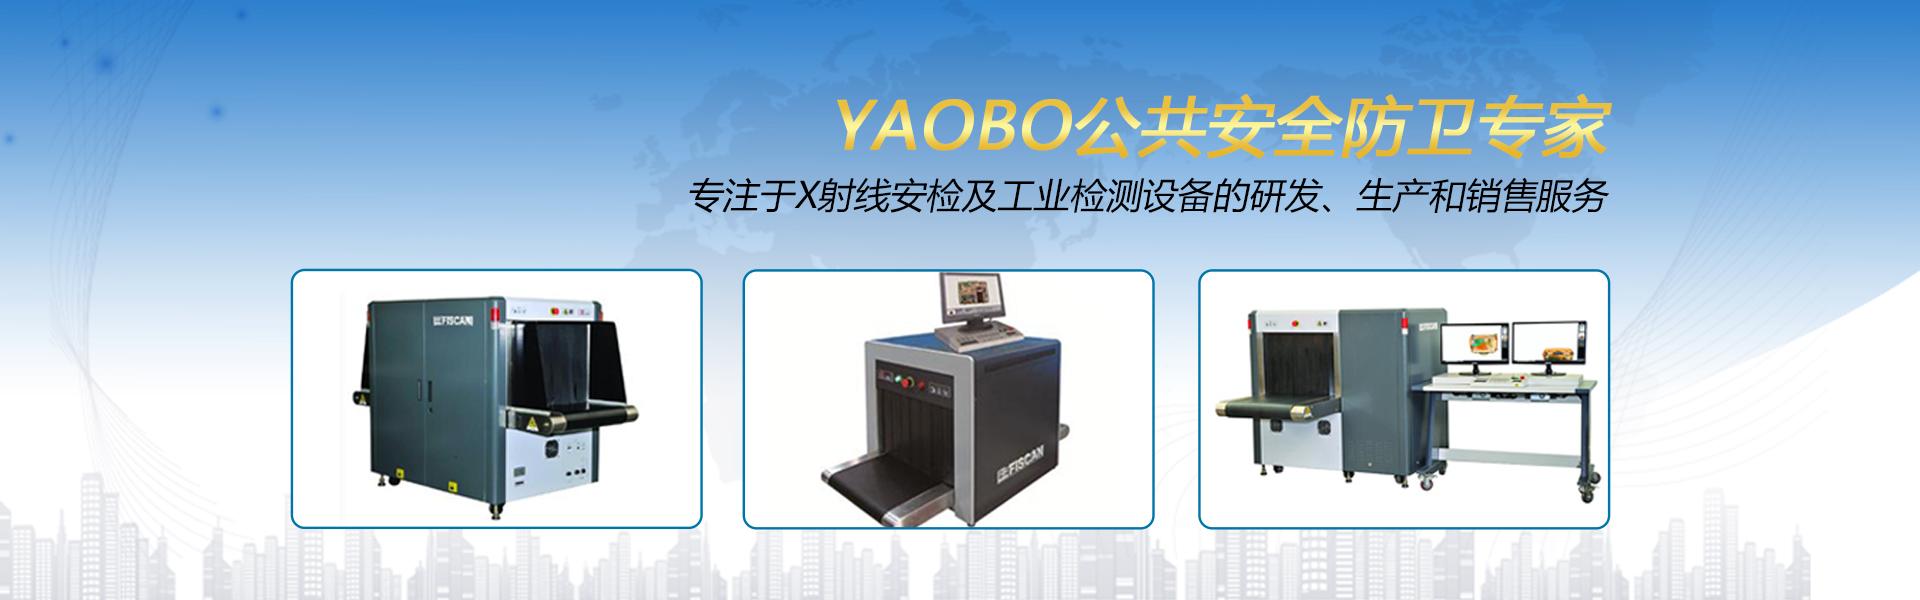 yaobo安检设备租赁